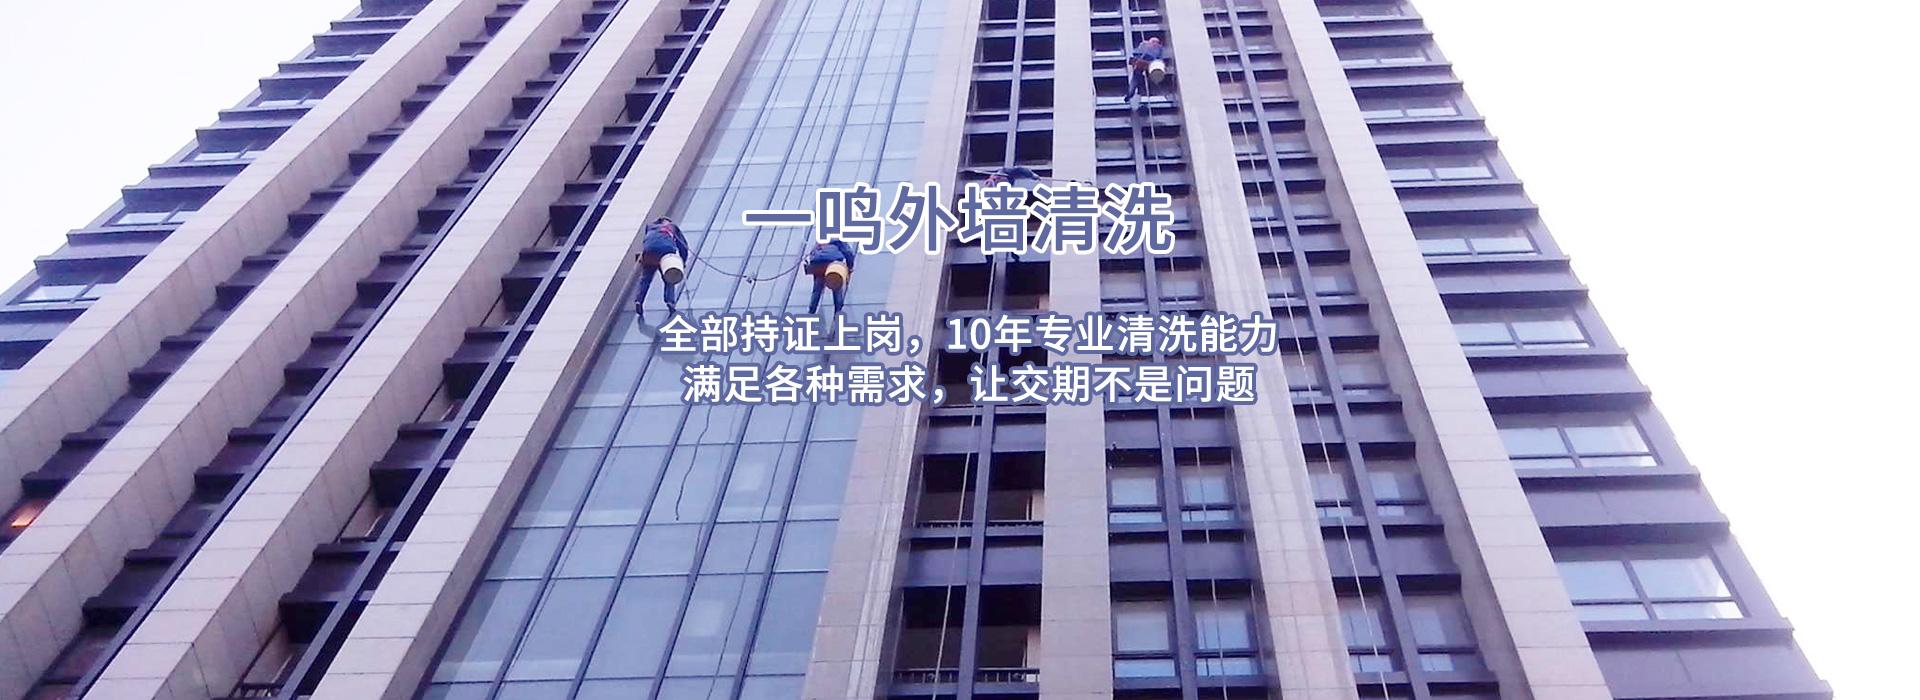 濮阳开荒保洁公司